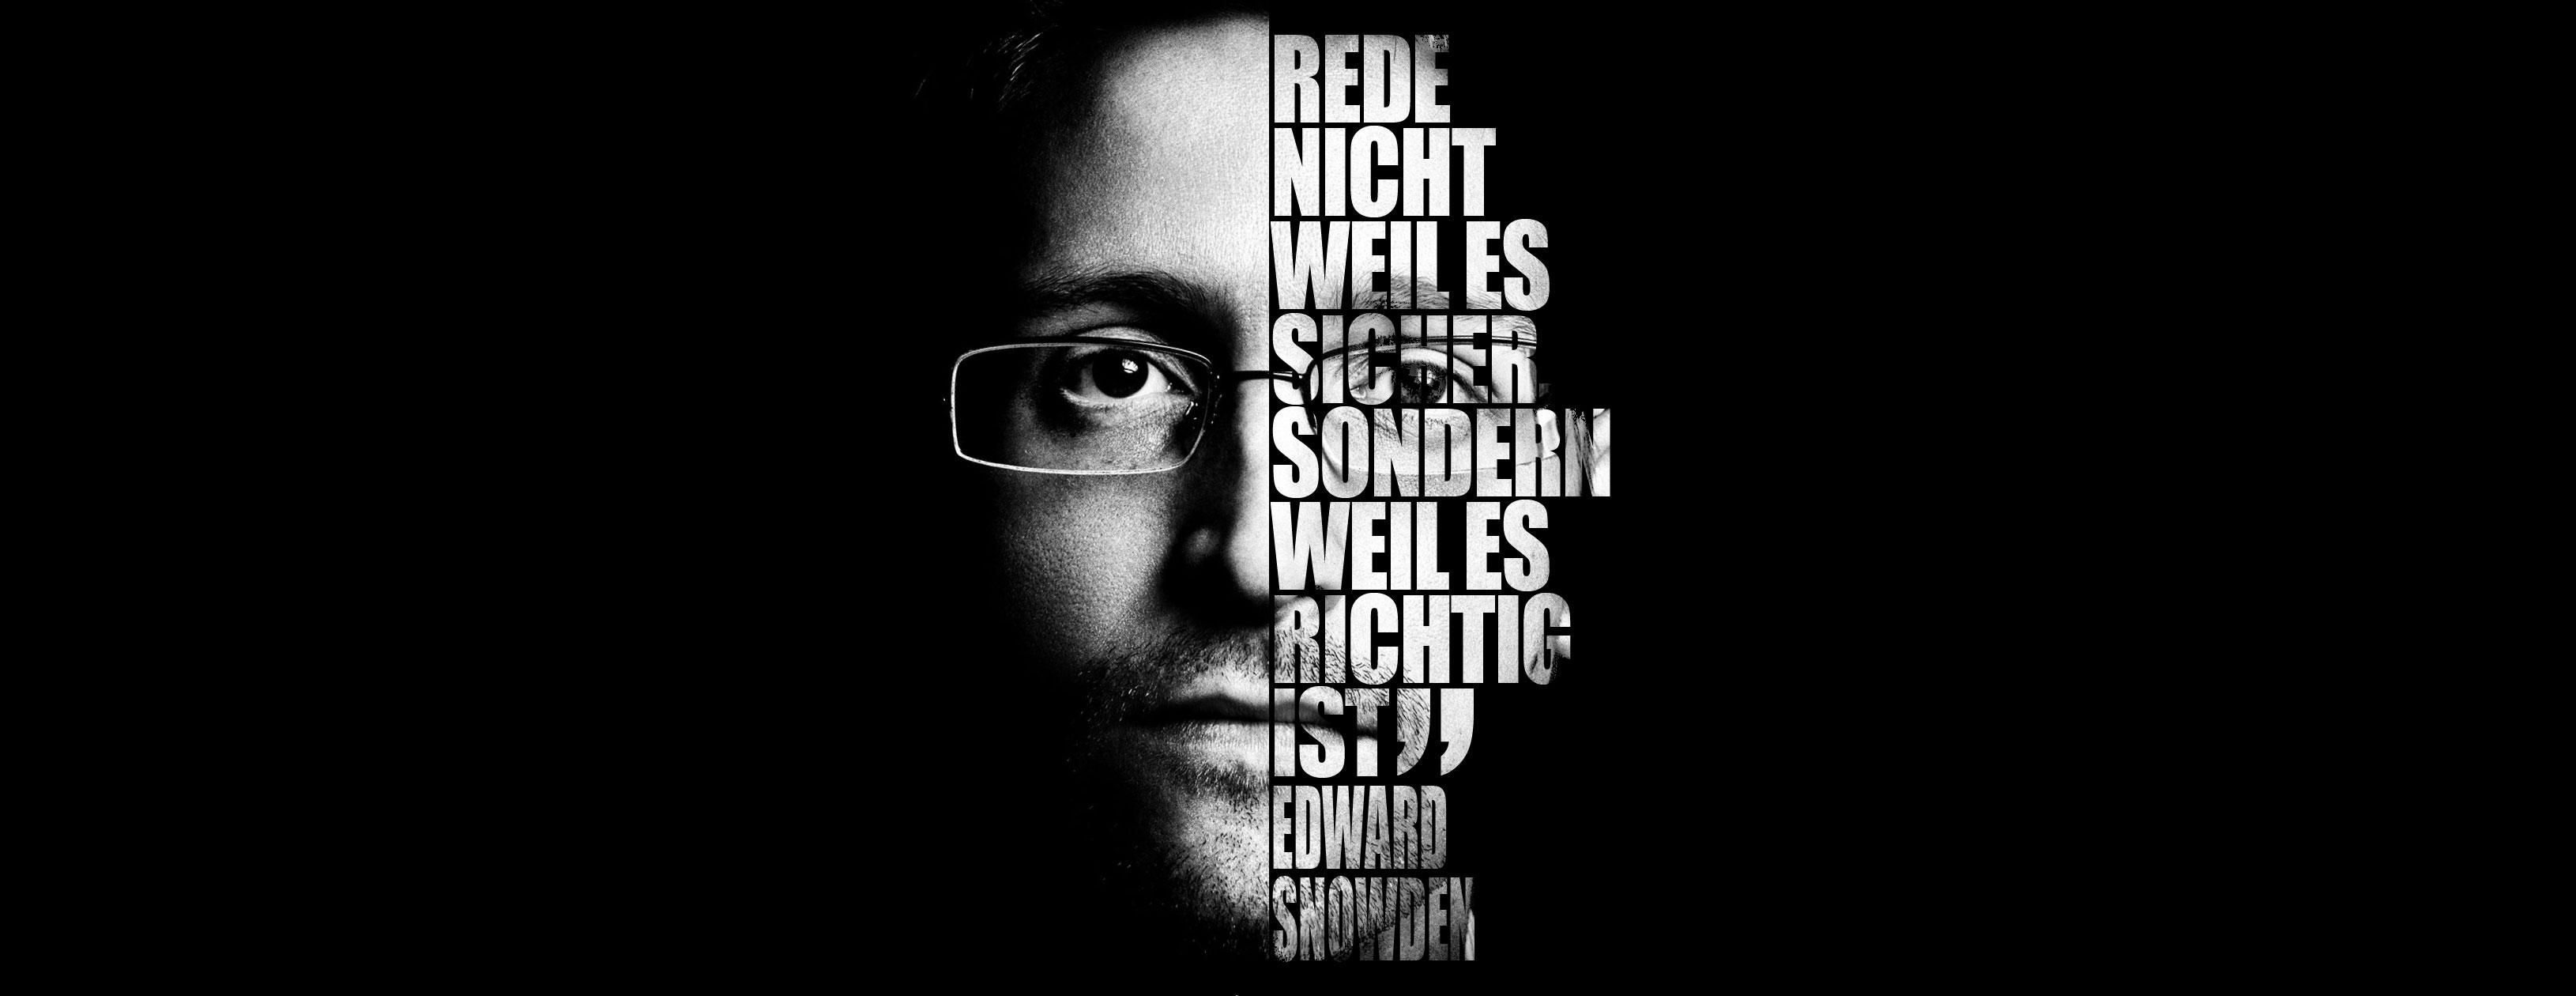 Schwarz-Weiß Bild von Edward Snowden mit Zitat